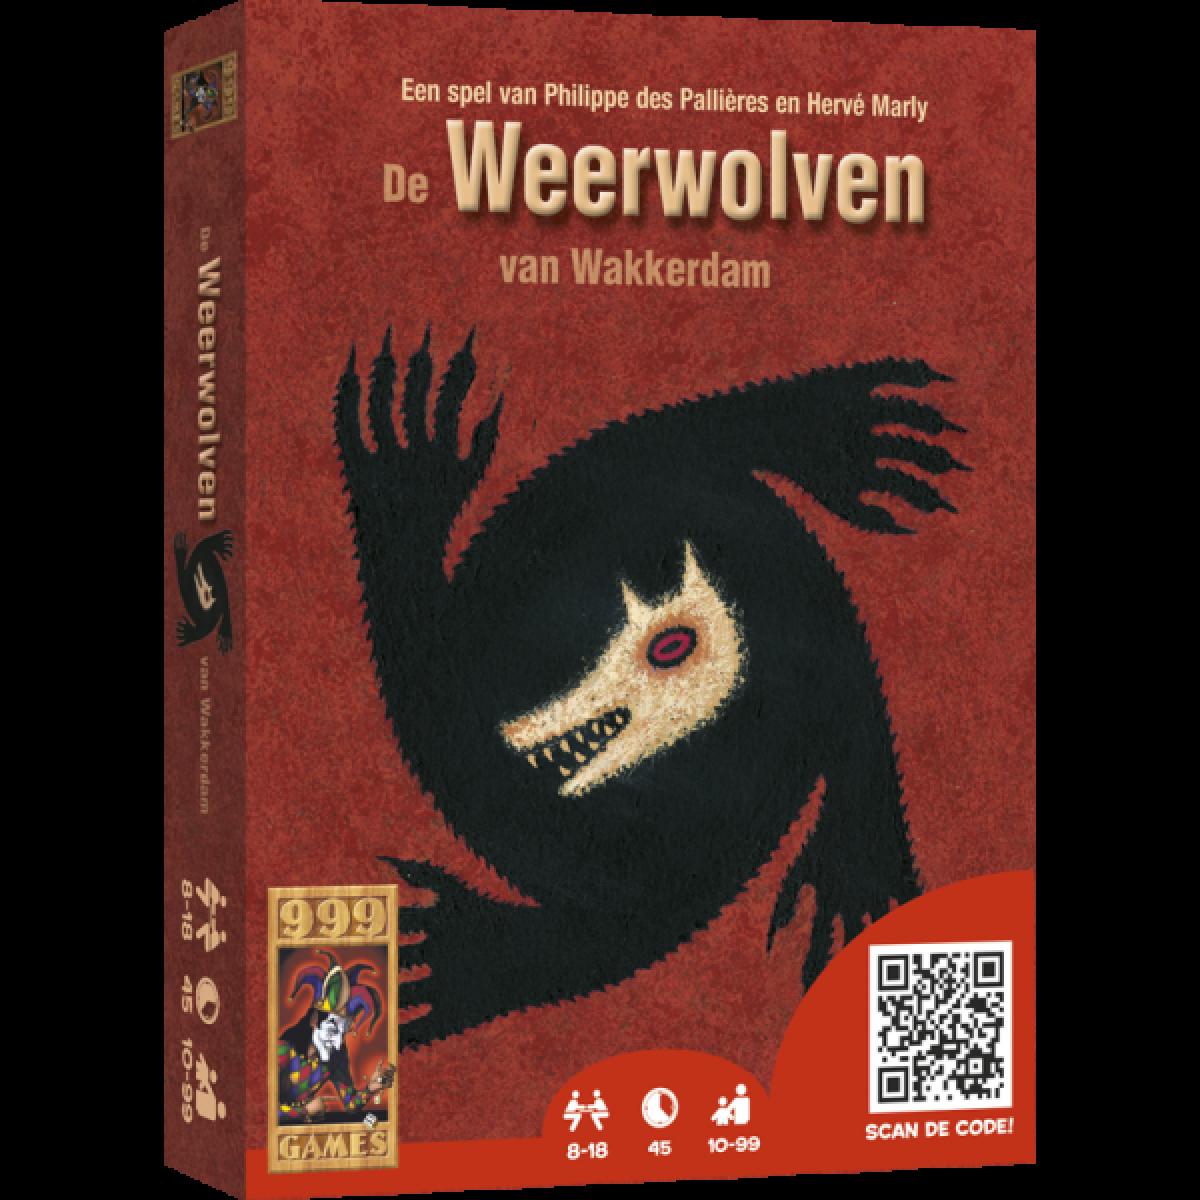 Kaartspel 999 Weerwolven Van Wakkerdam Kopen Op Amusement Be